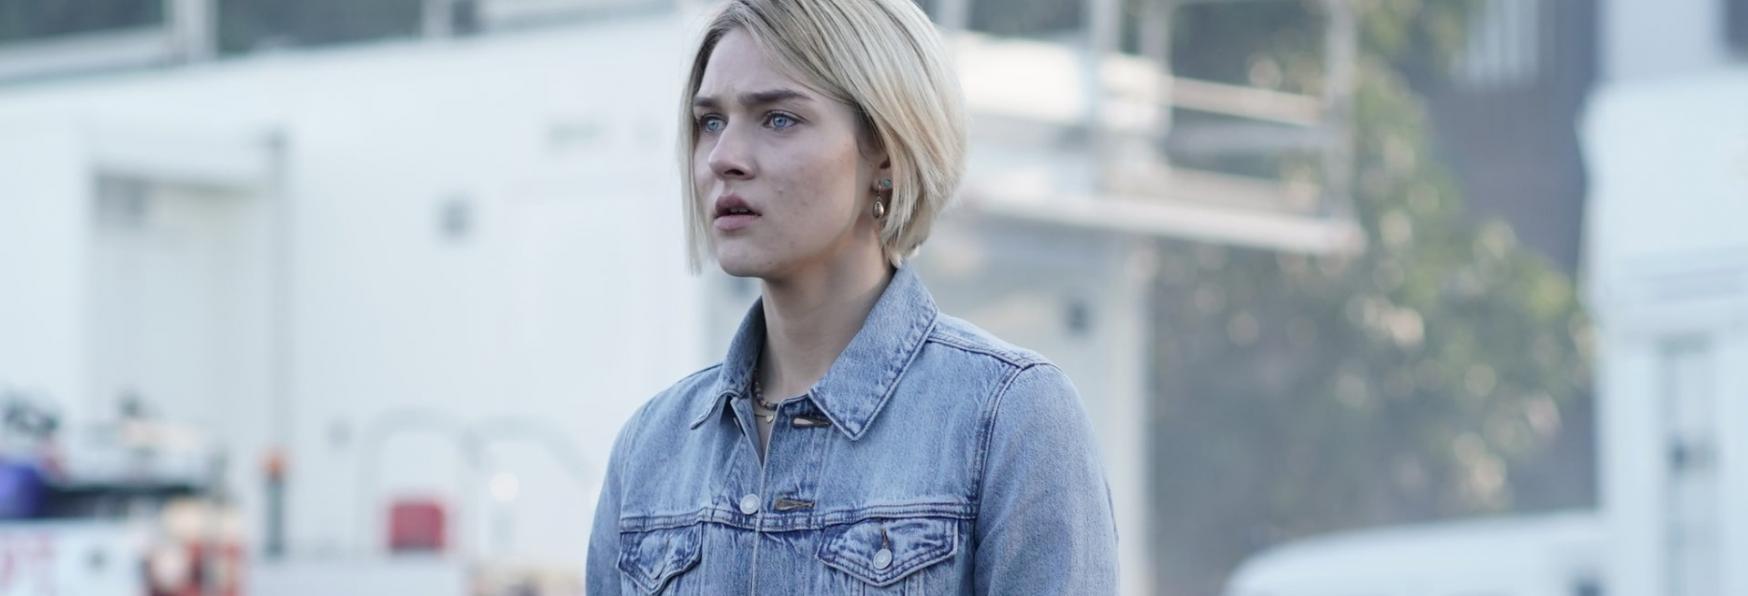 La Brea: Svelato il Teaser Trailer della nuova Serie TV Sci-fi Drama di NBC